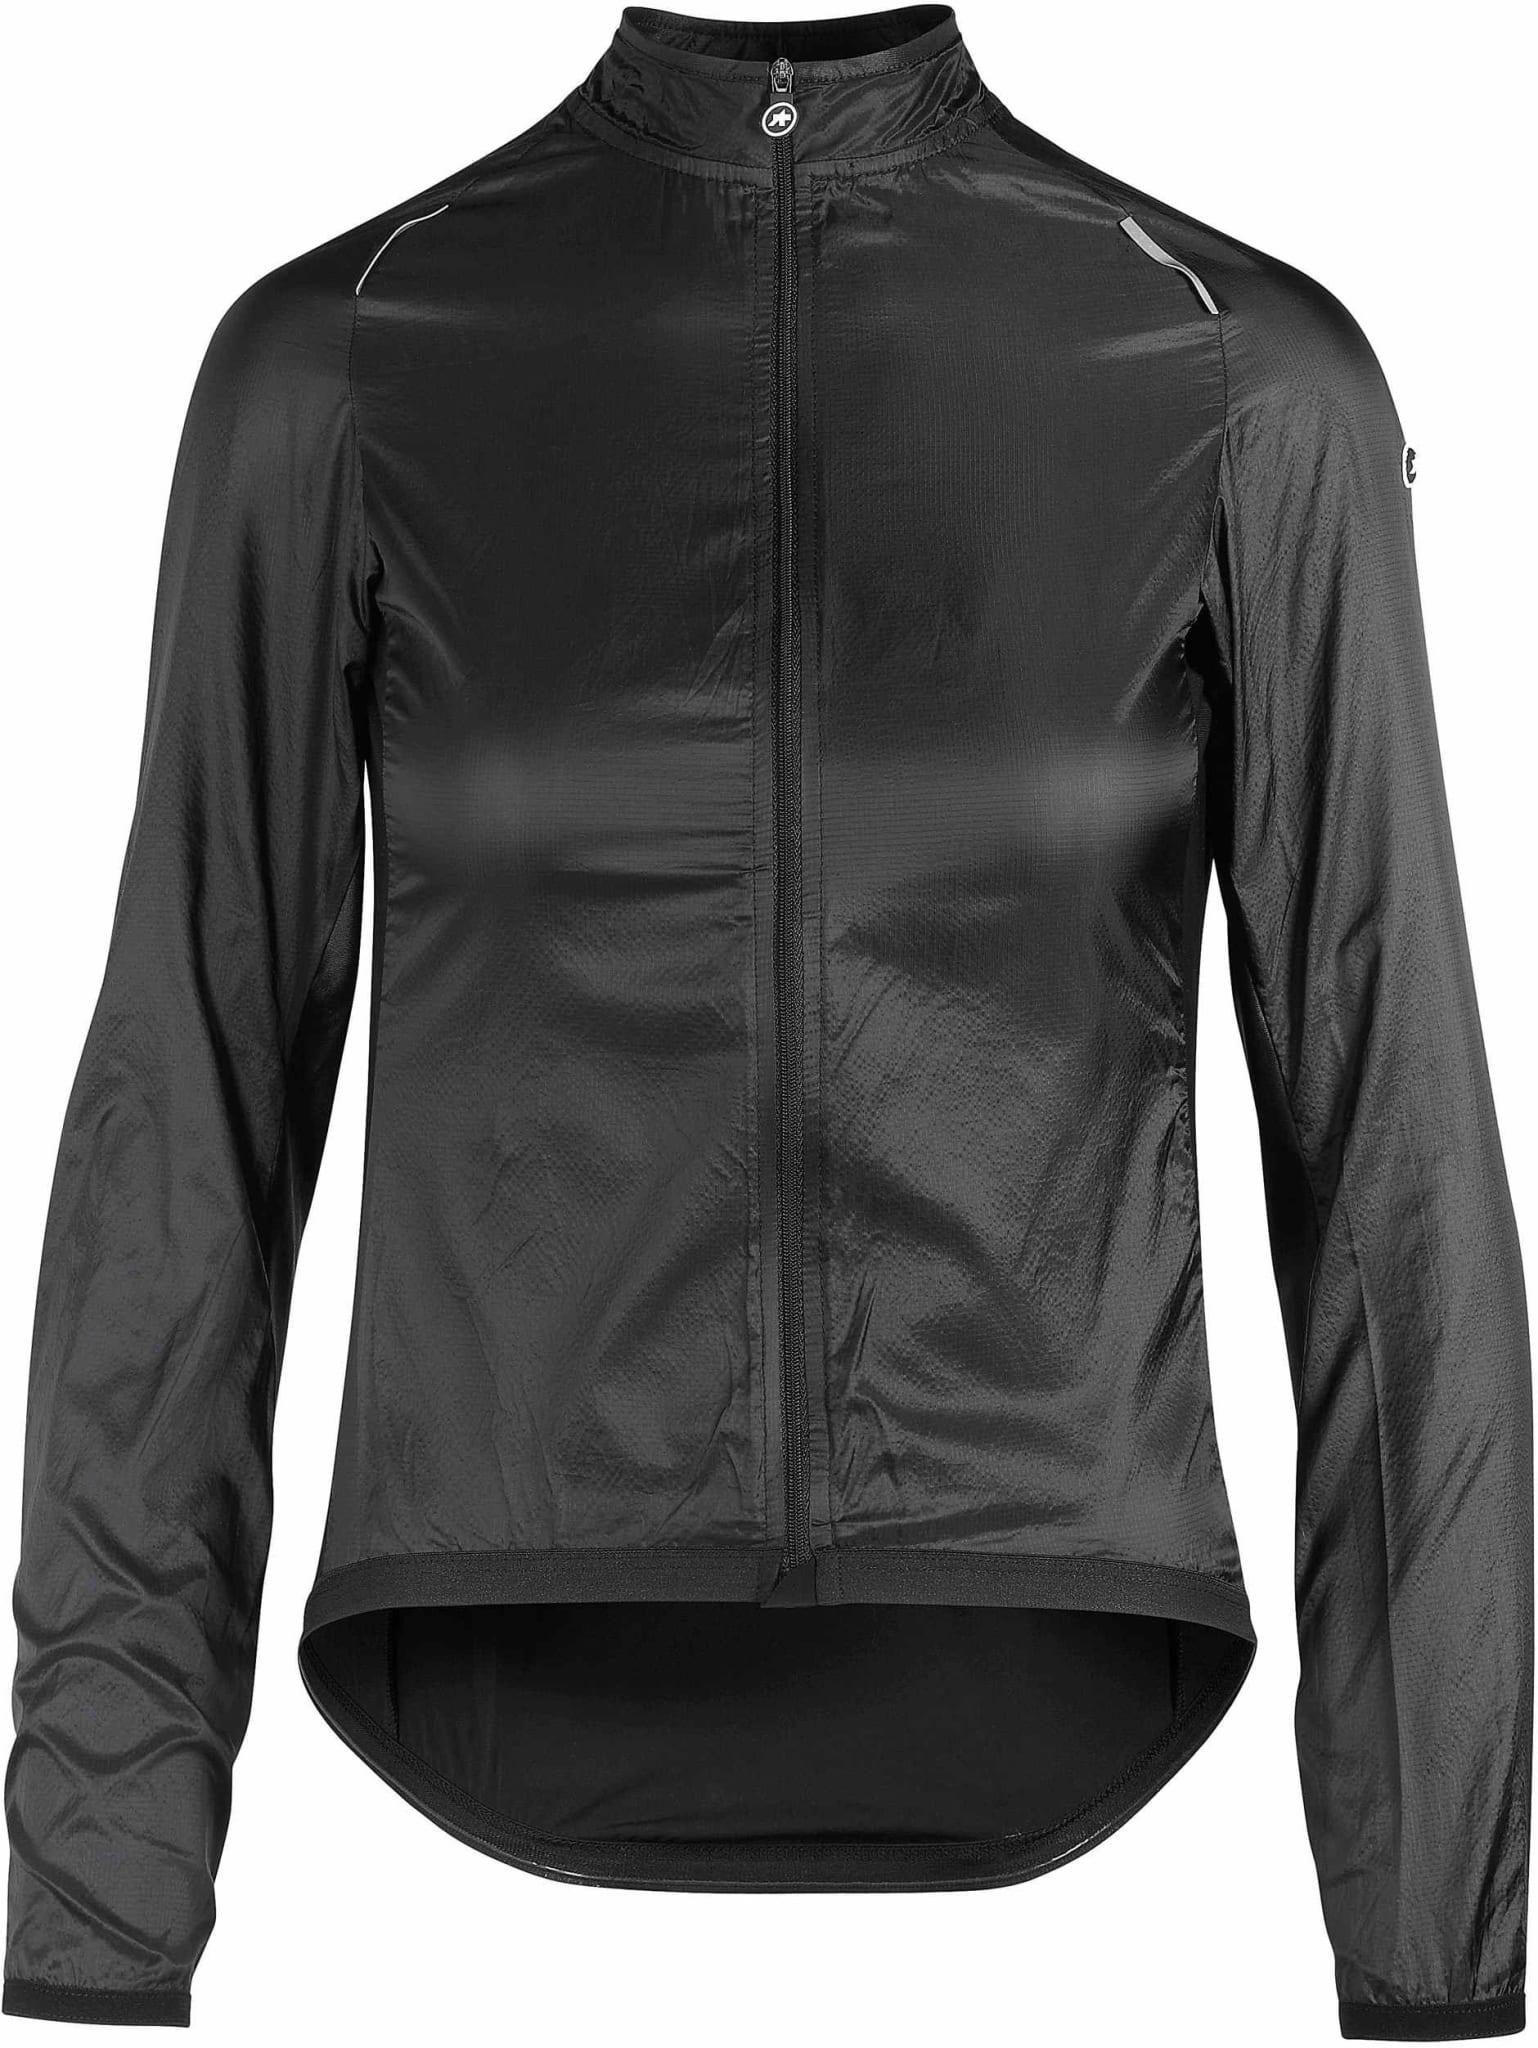 Den perfekte vindtette, lette jakken laget for kvinnelige syklister.